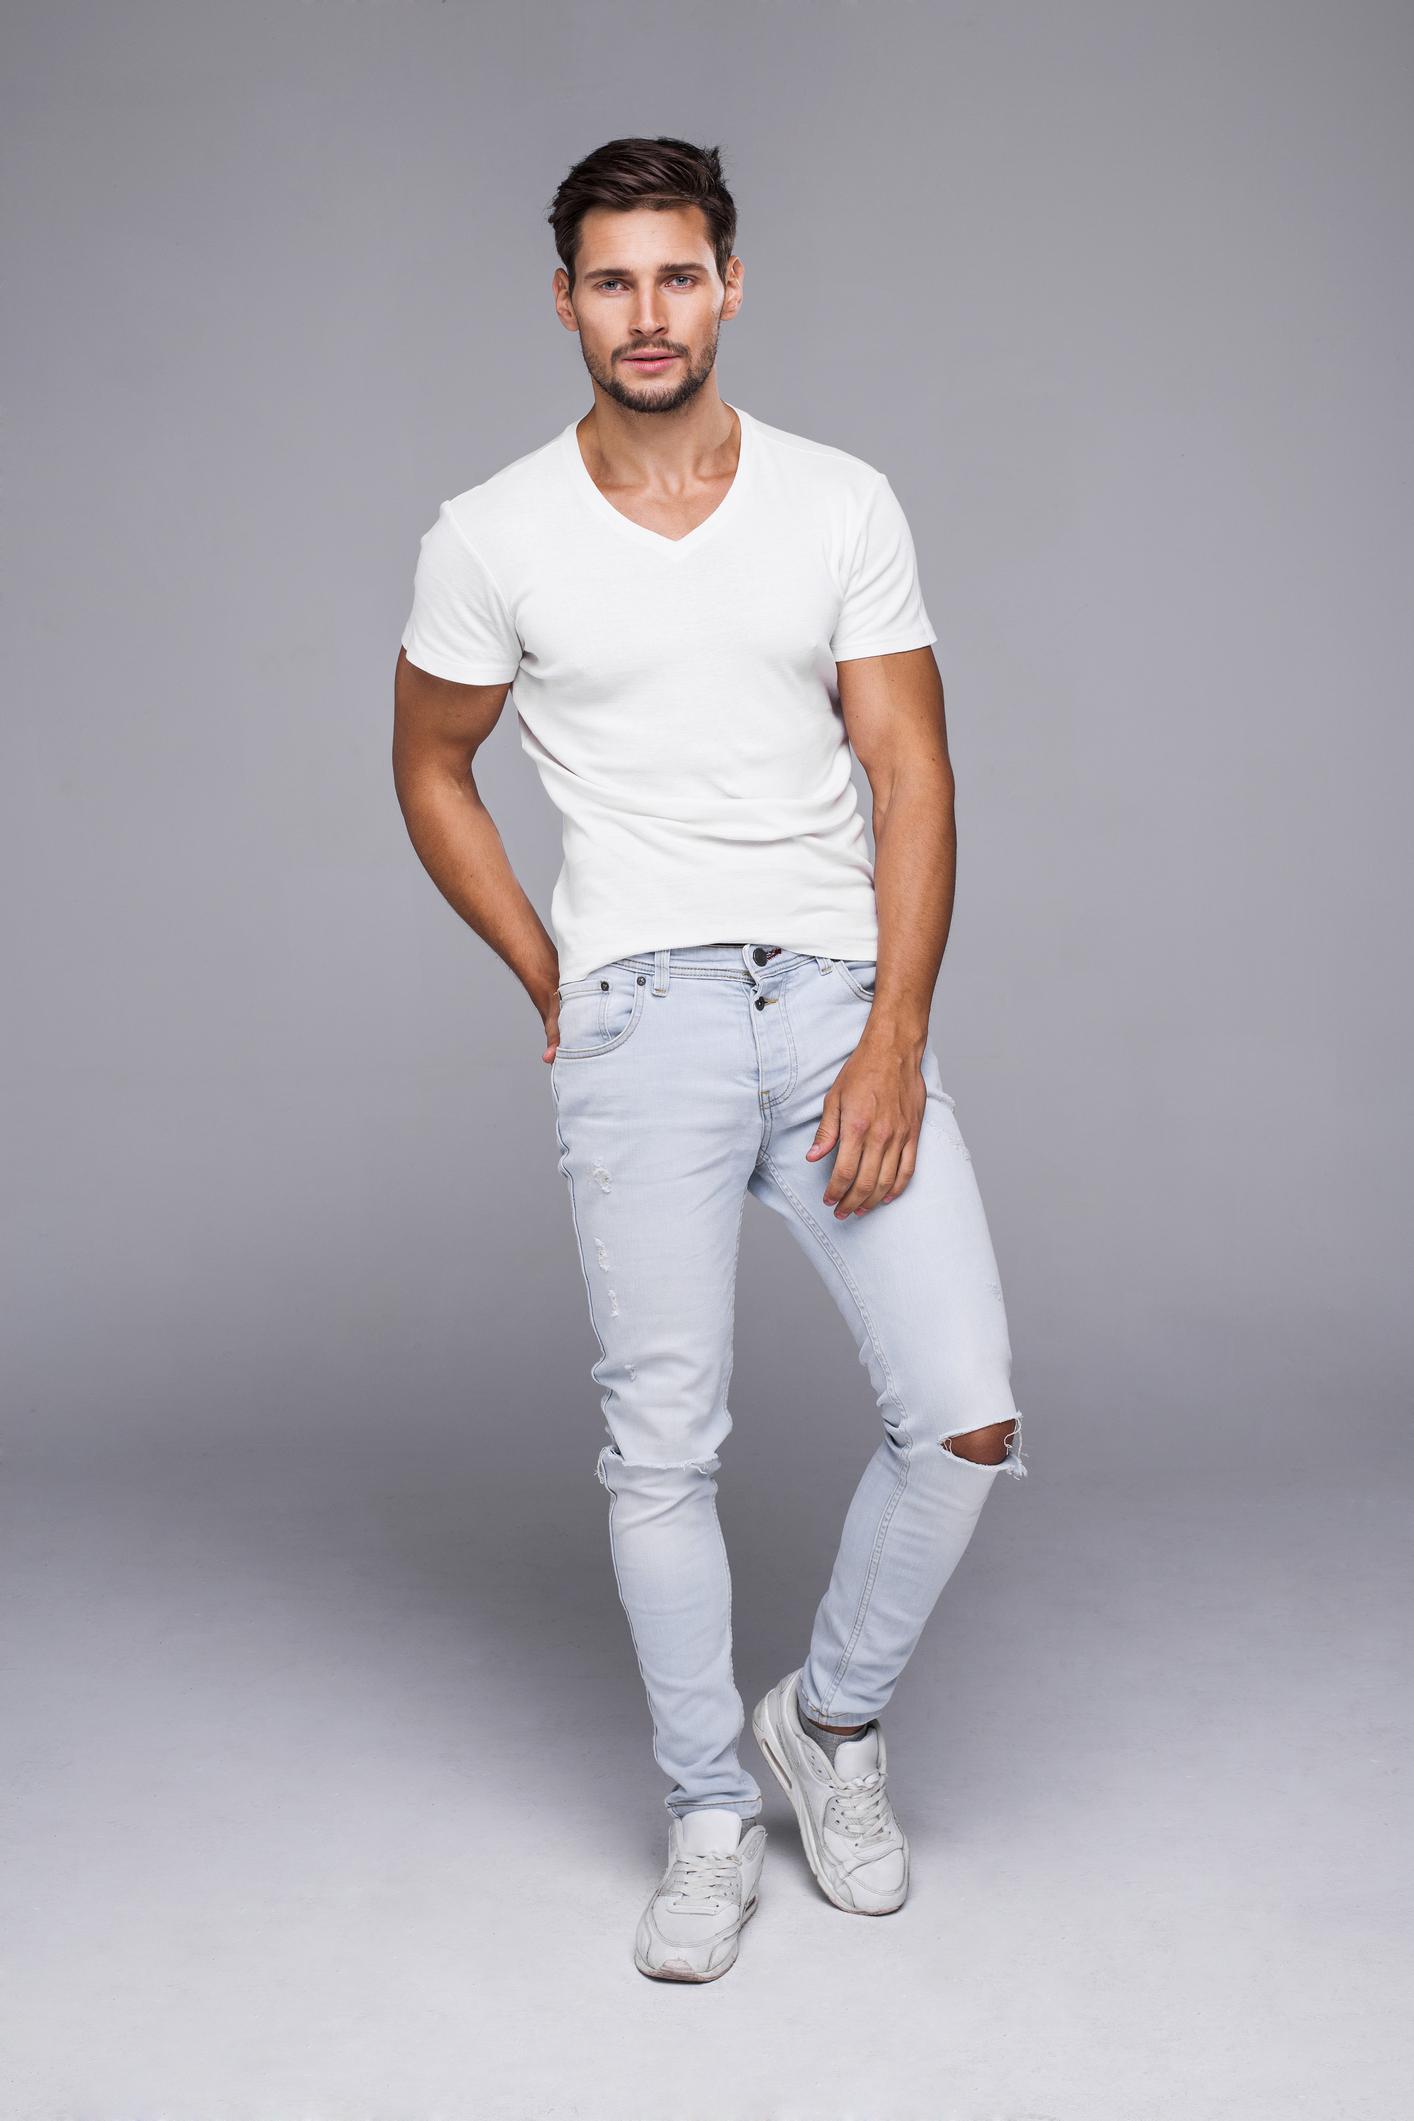 Хубави дънки, които ви отиват и ви стават. Не залитайте по модни тенденции, носете дънки, които не само ви пасват, но и ви харесват.